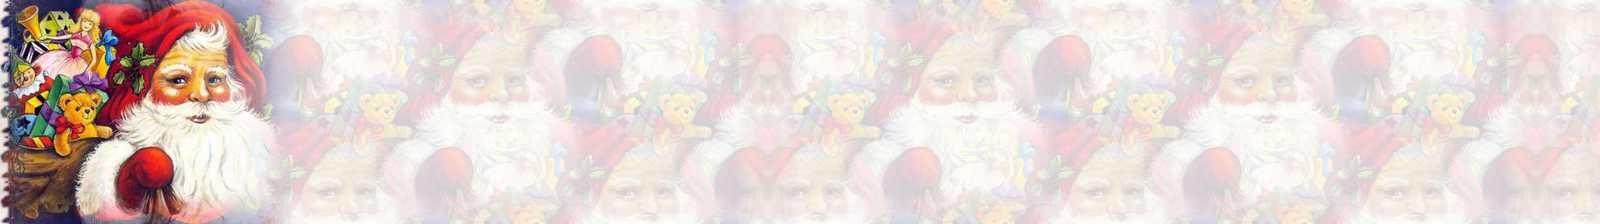 Noël Père Noël hotte jouets Incredimail &amp&#x3B; Papier A4 h l &amp&#x3B; outlook &amp&#x3B; enveloppe &amp&#x3B; 2 cartes format A5 &amp&#x3B; signets + multilangues th_noel_2dbd2aee_00